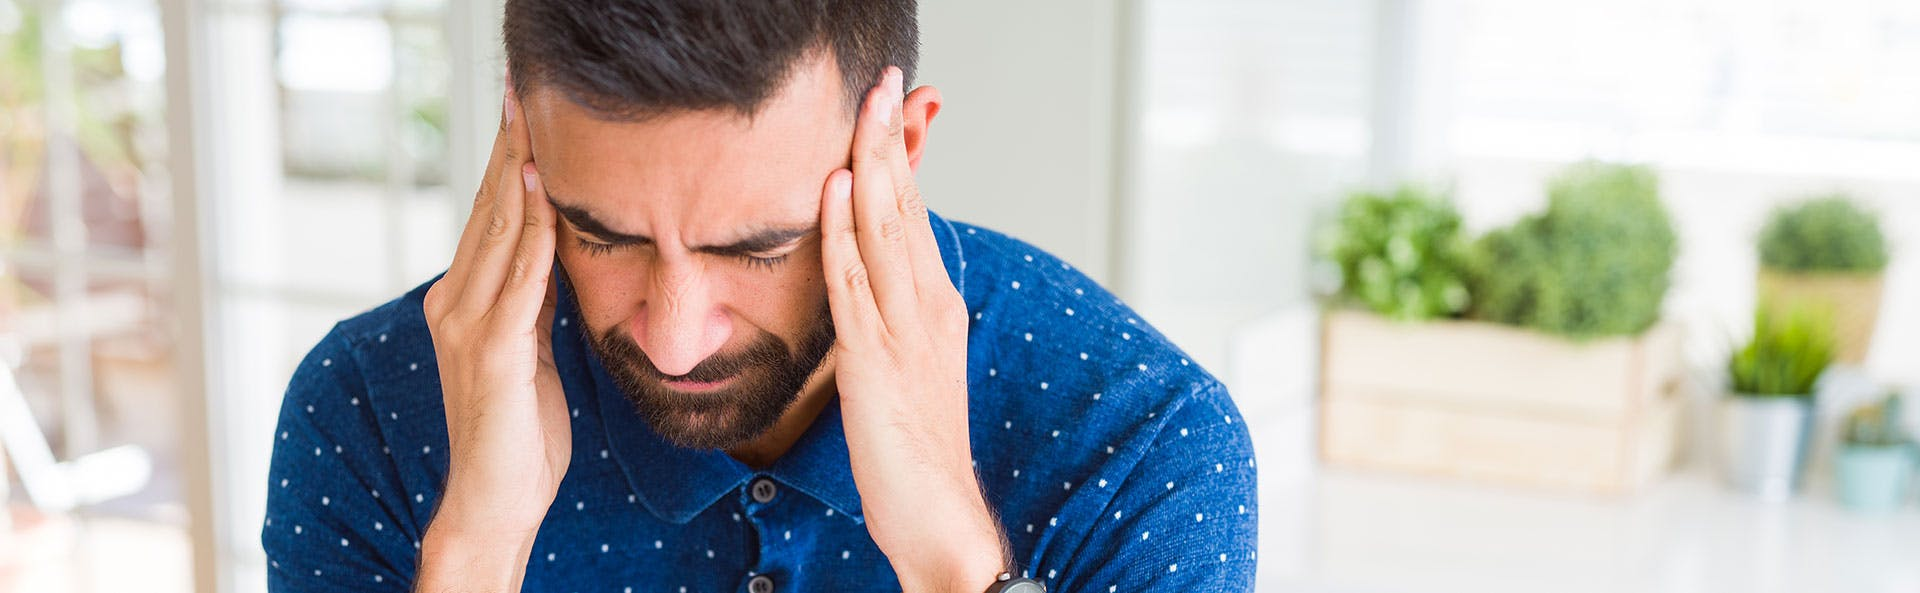 رجل يعاني من السعال والألم في الجسم